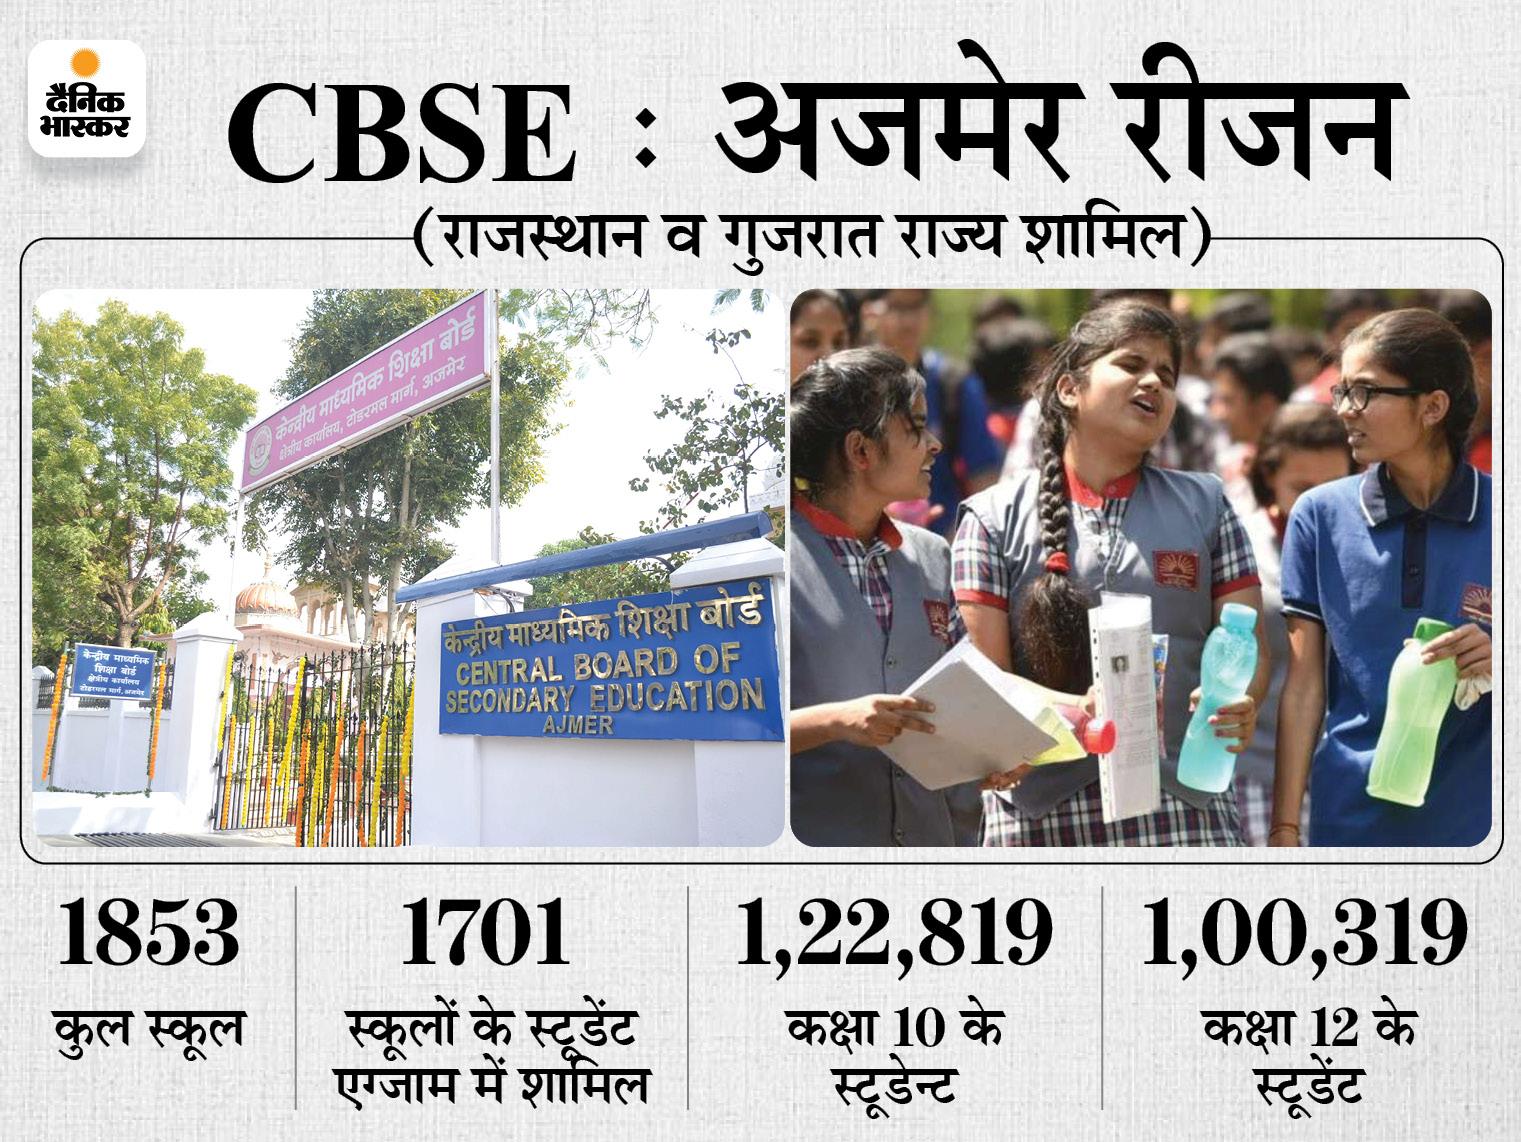 12वीं के मार्क्स अपलोड करने की डेट बढ़ाई, अब 22 से 25 जुलाई तक का दिया समय|अजमेर,Ajmer - Dainik Bhaskar